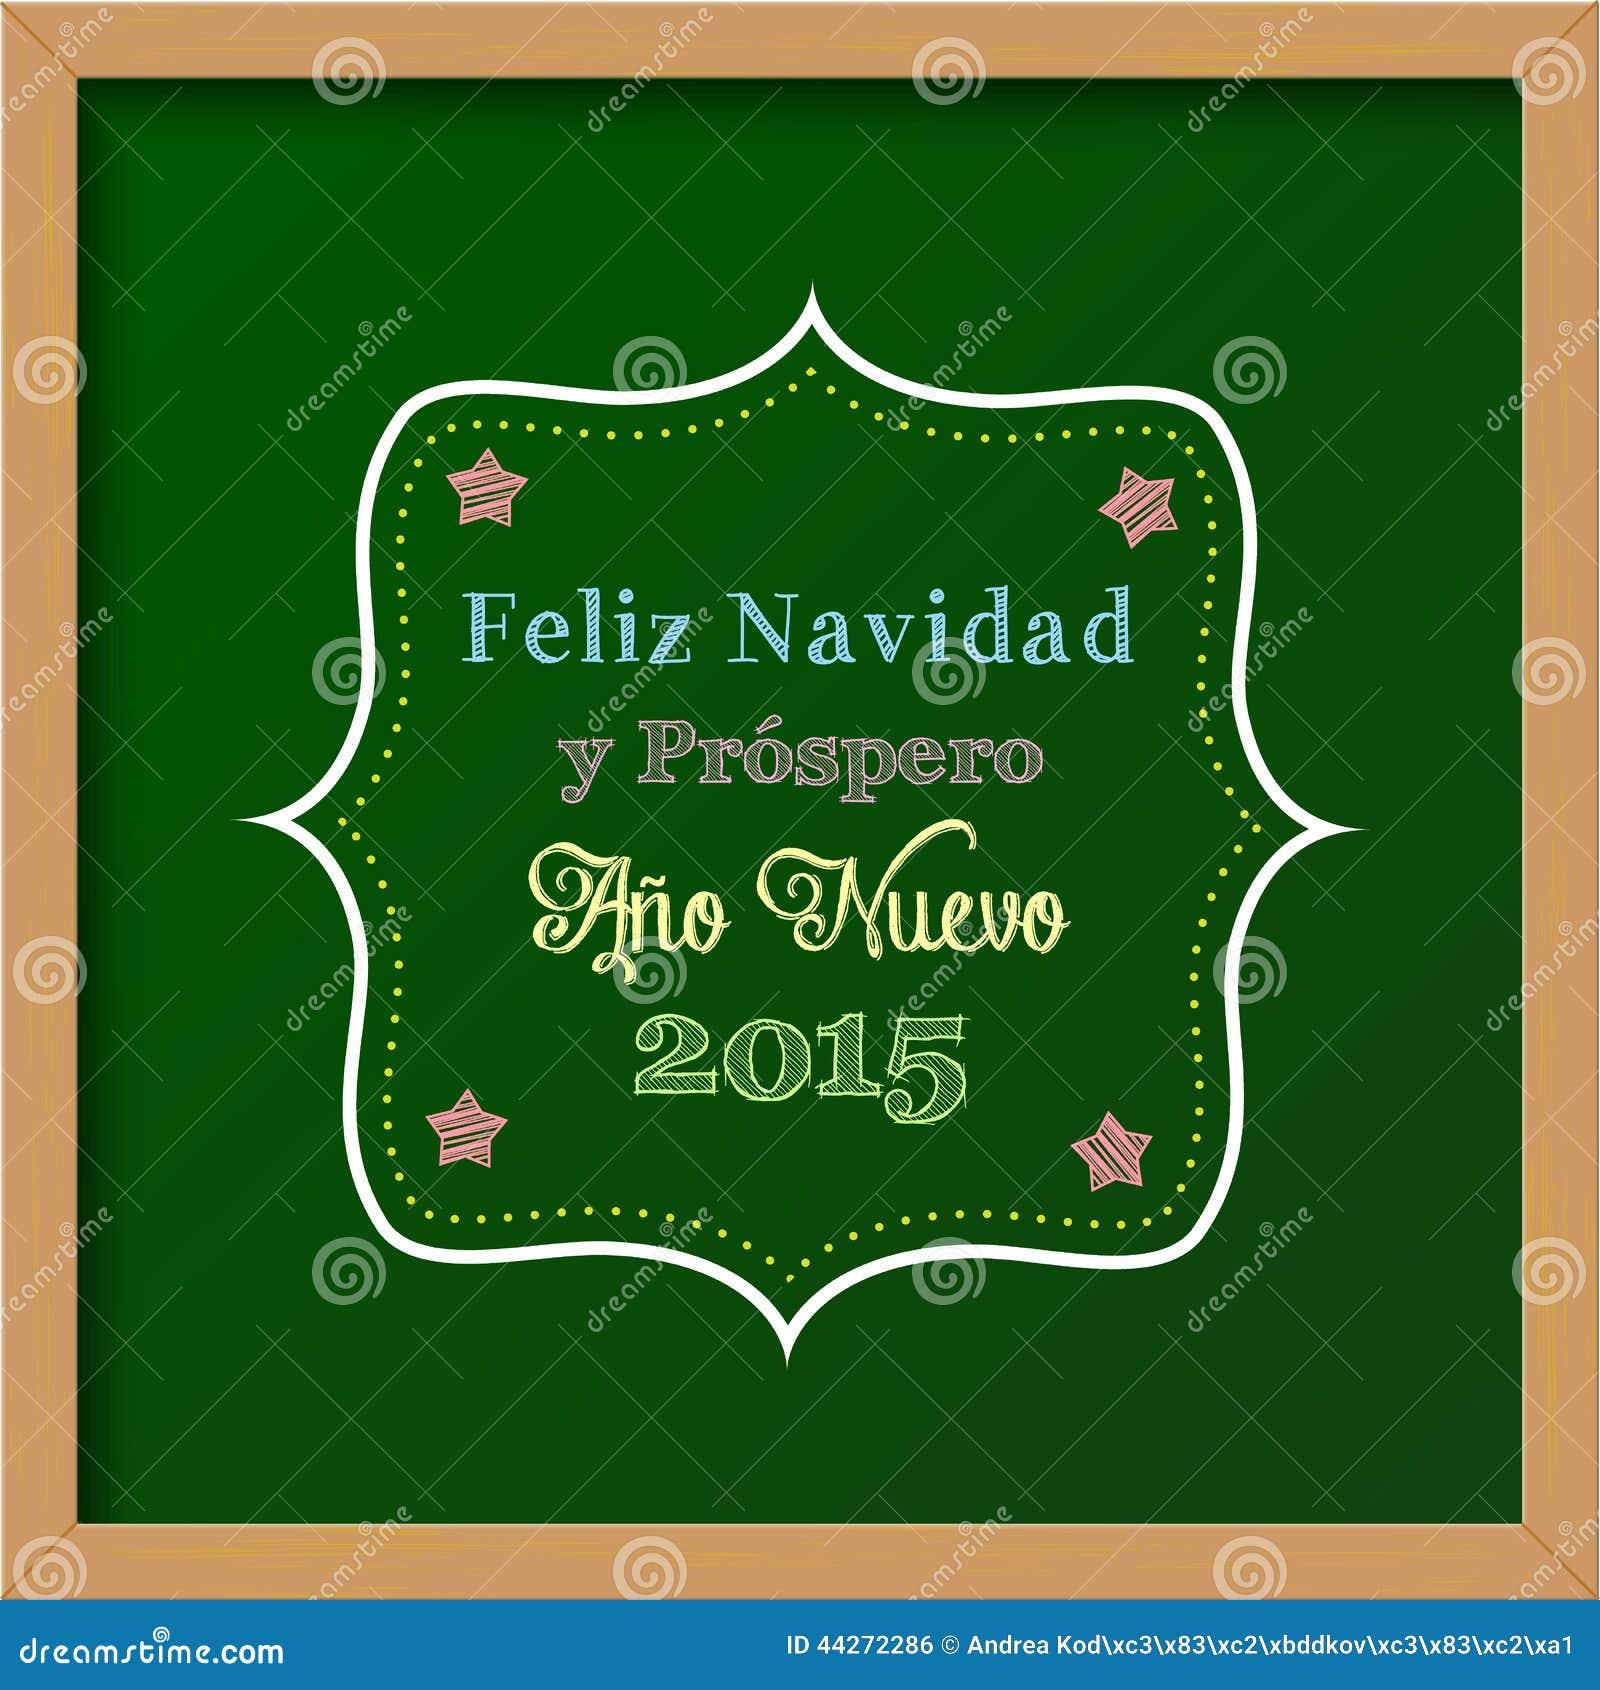 Weihnachtsgrüße Auf Spanisch.Tafel Mit Weihnachtsgruß Auf Spanisch Vektor Abbildung